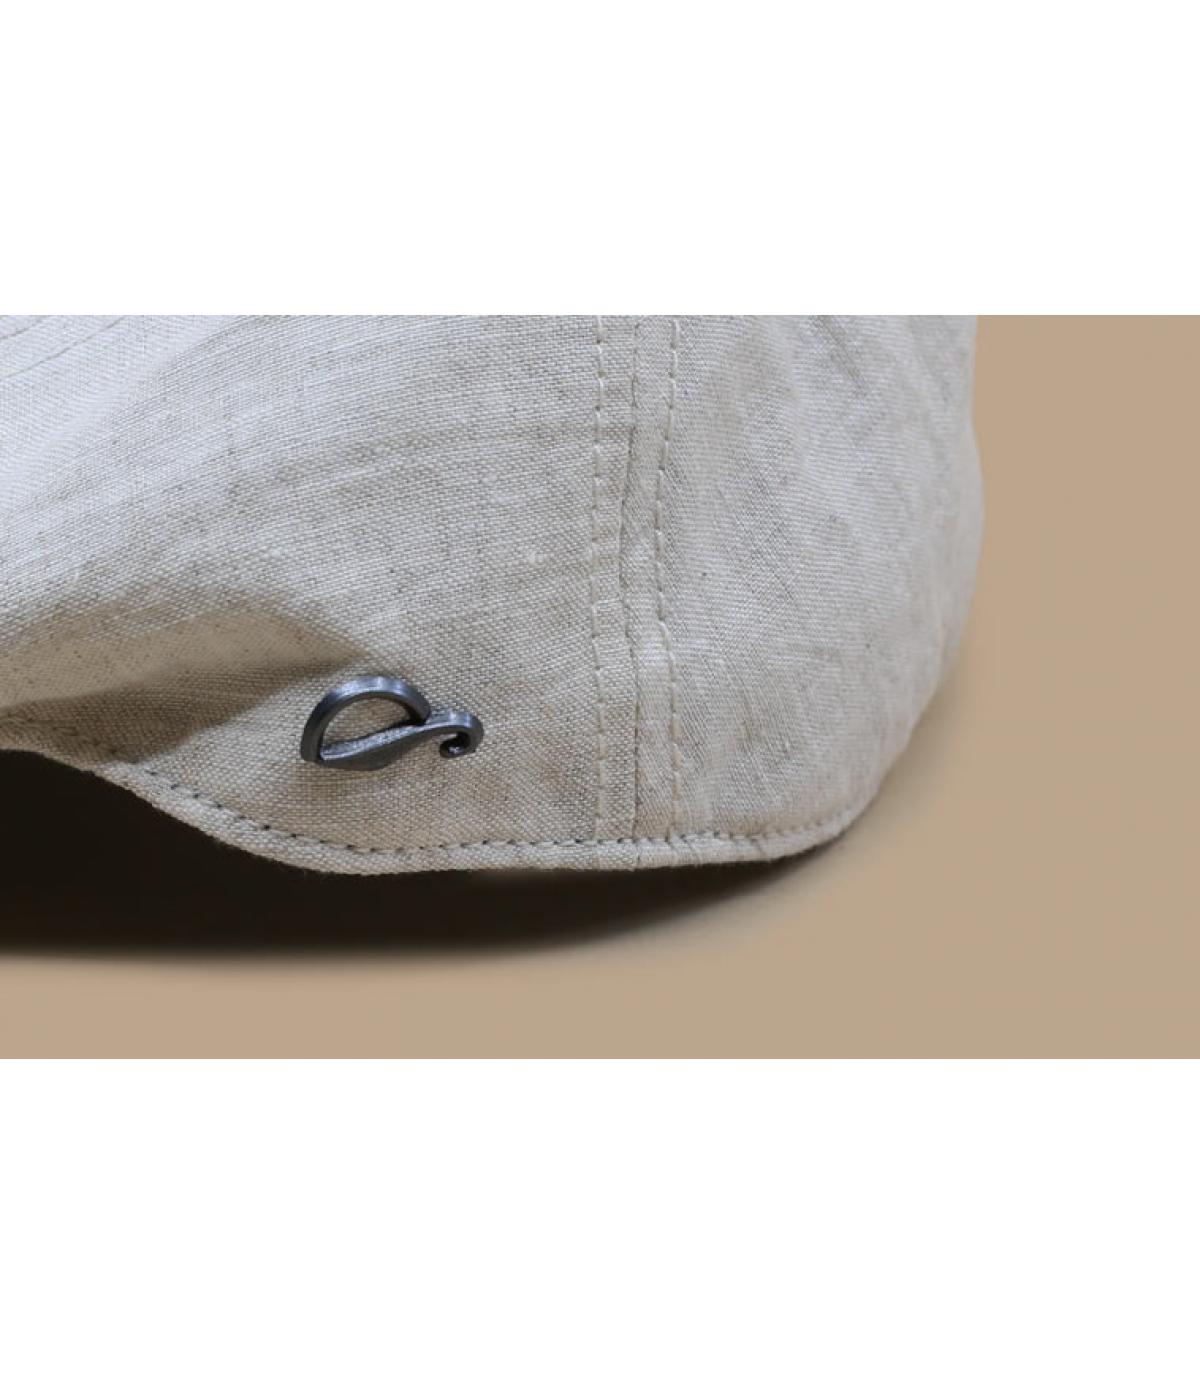 Détails Oxford Linen beige - image 3